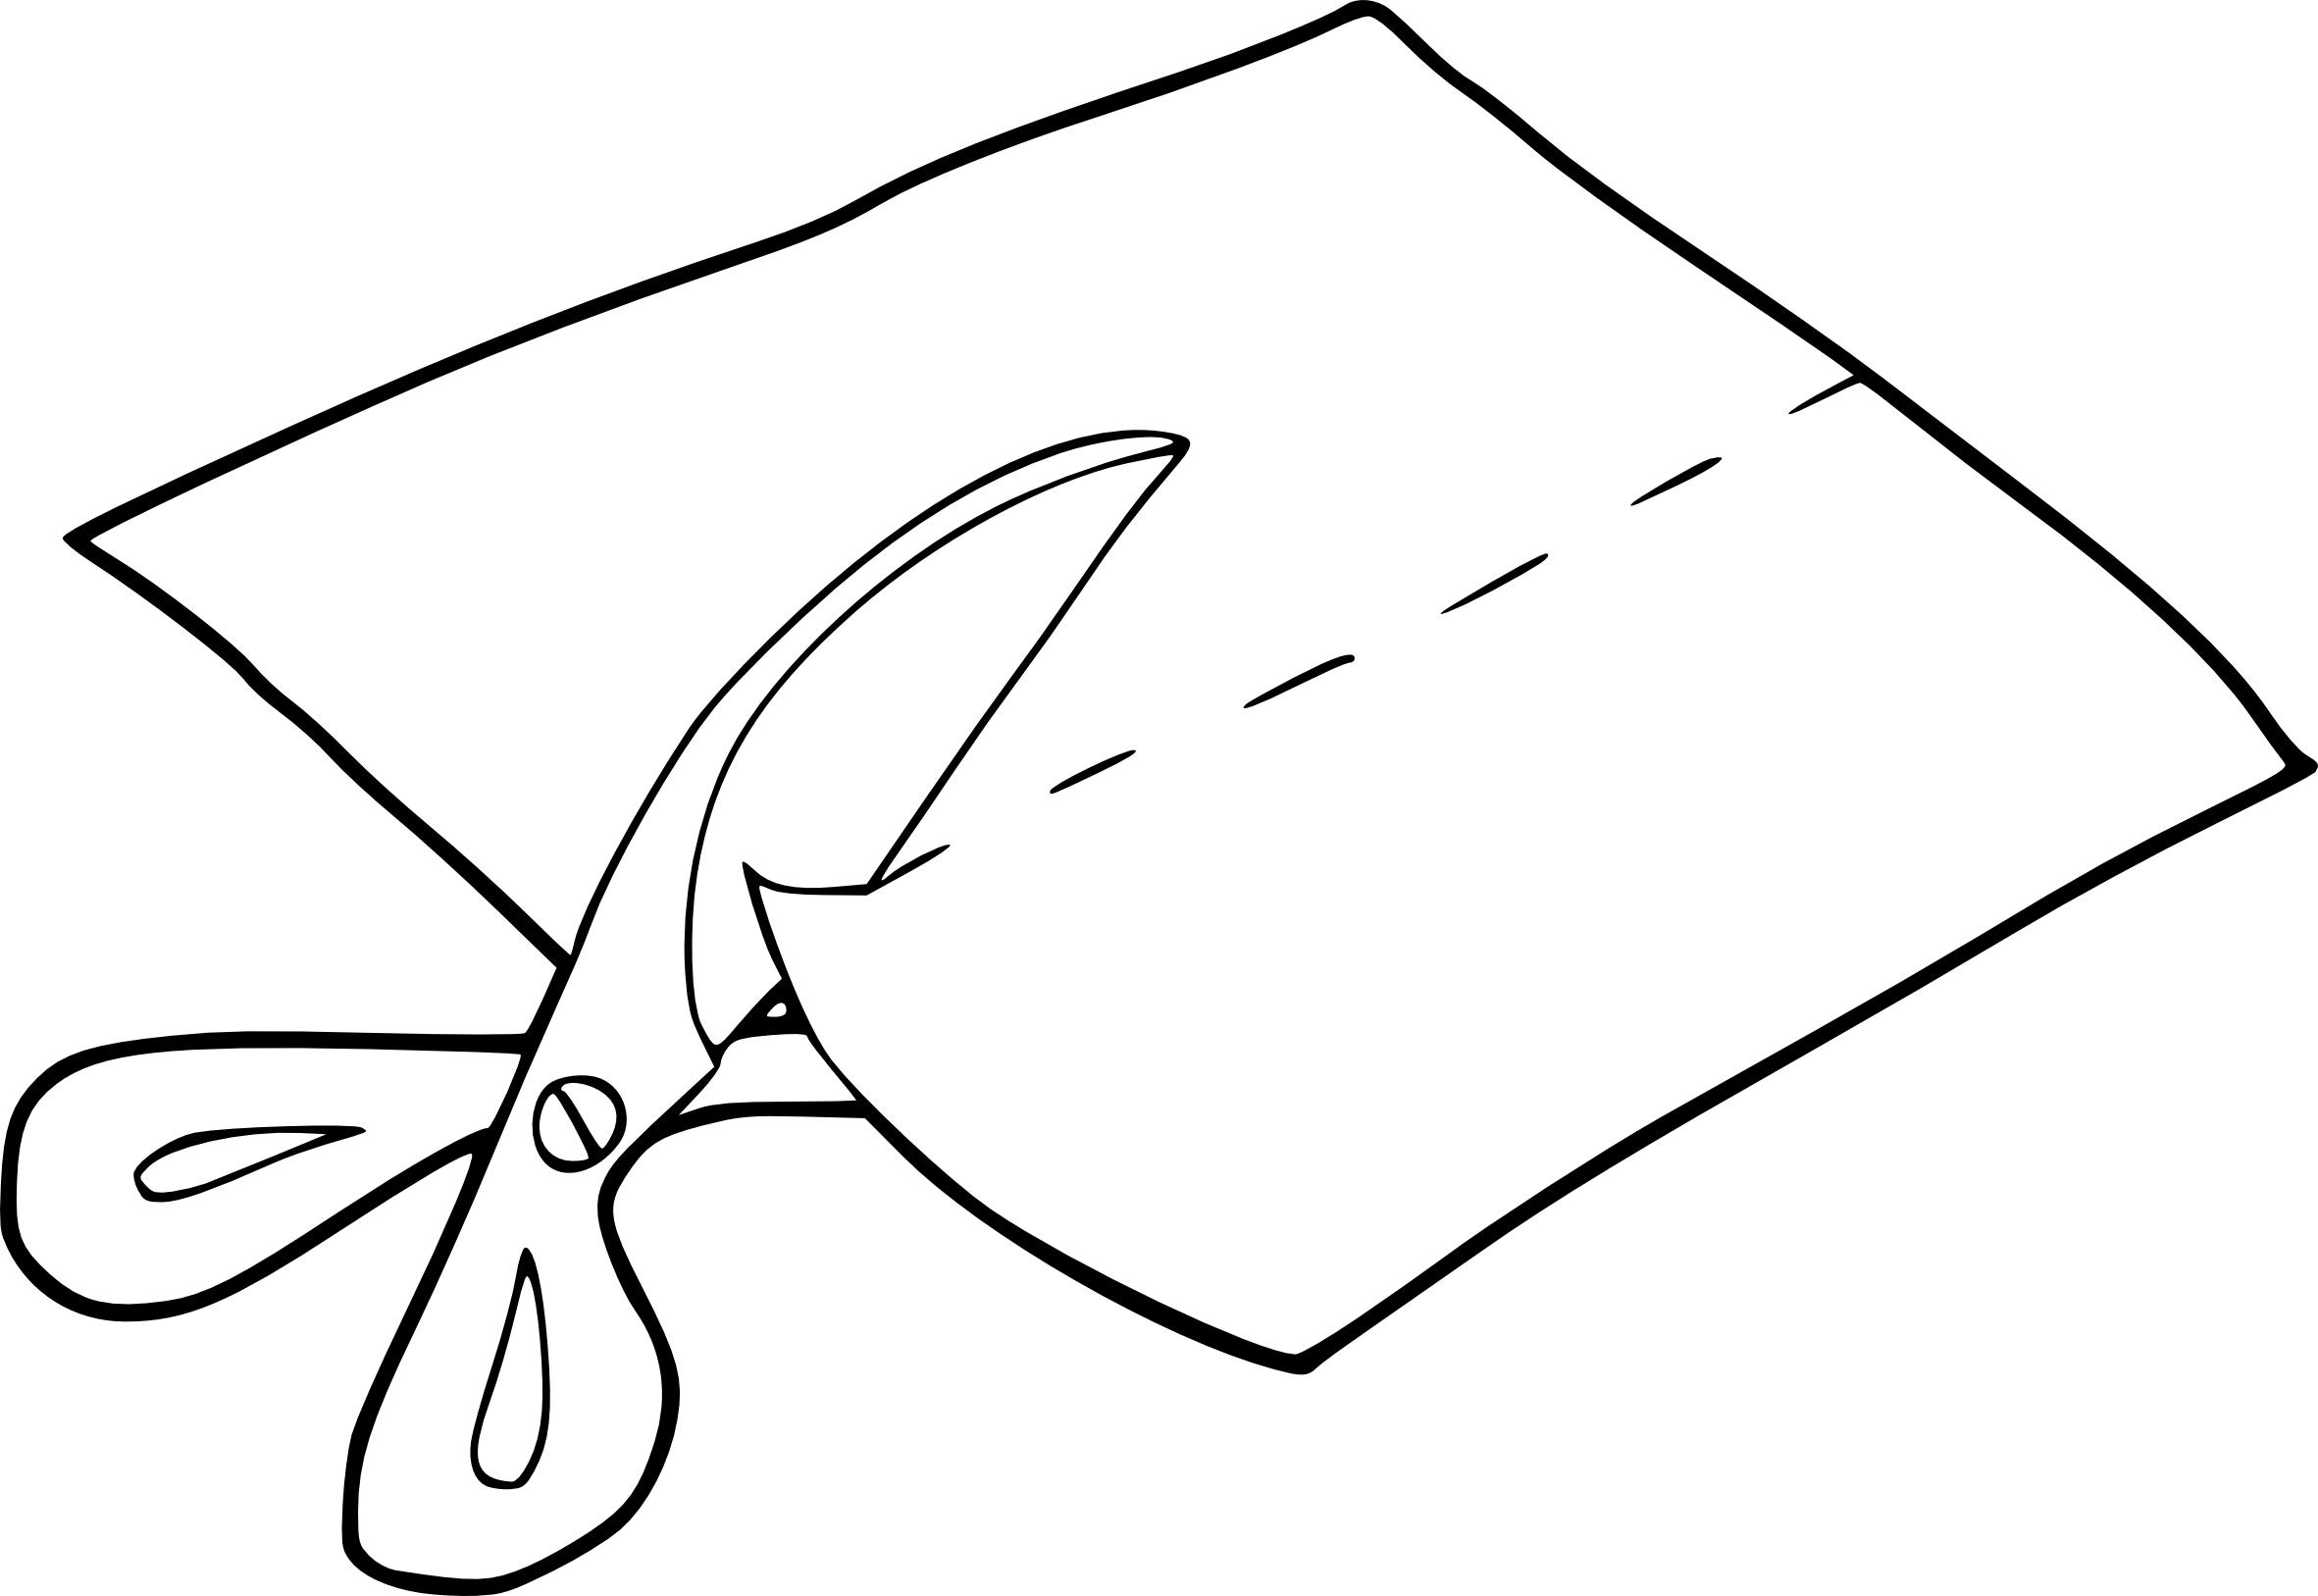 Coloriage Couper Une Feuille De Papier À Imprimer à Feuille A Colorier